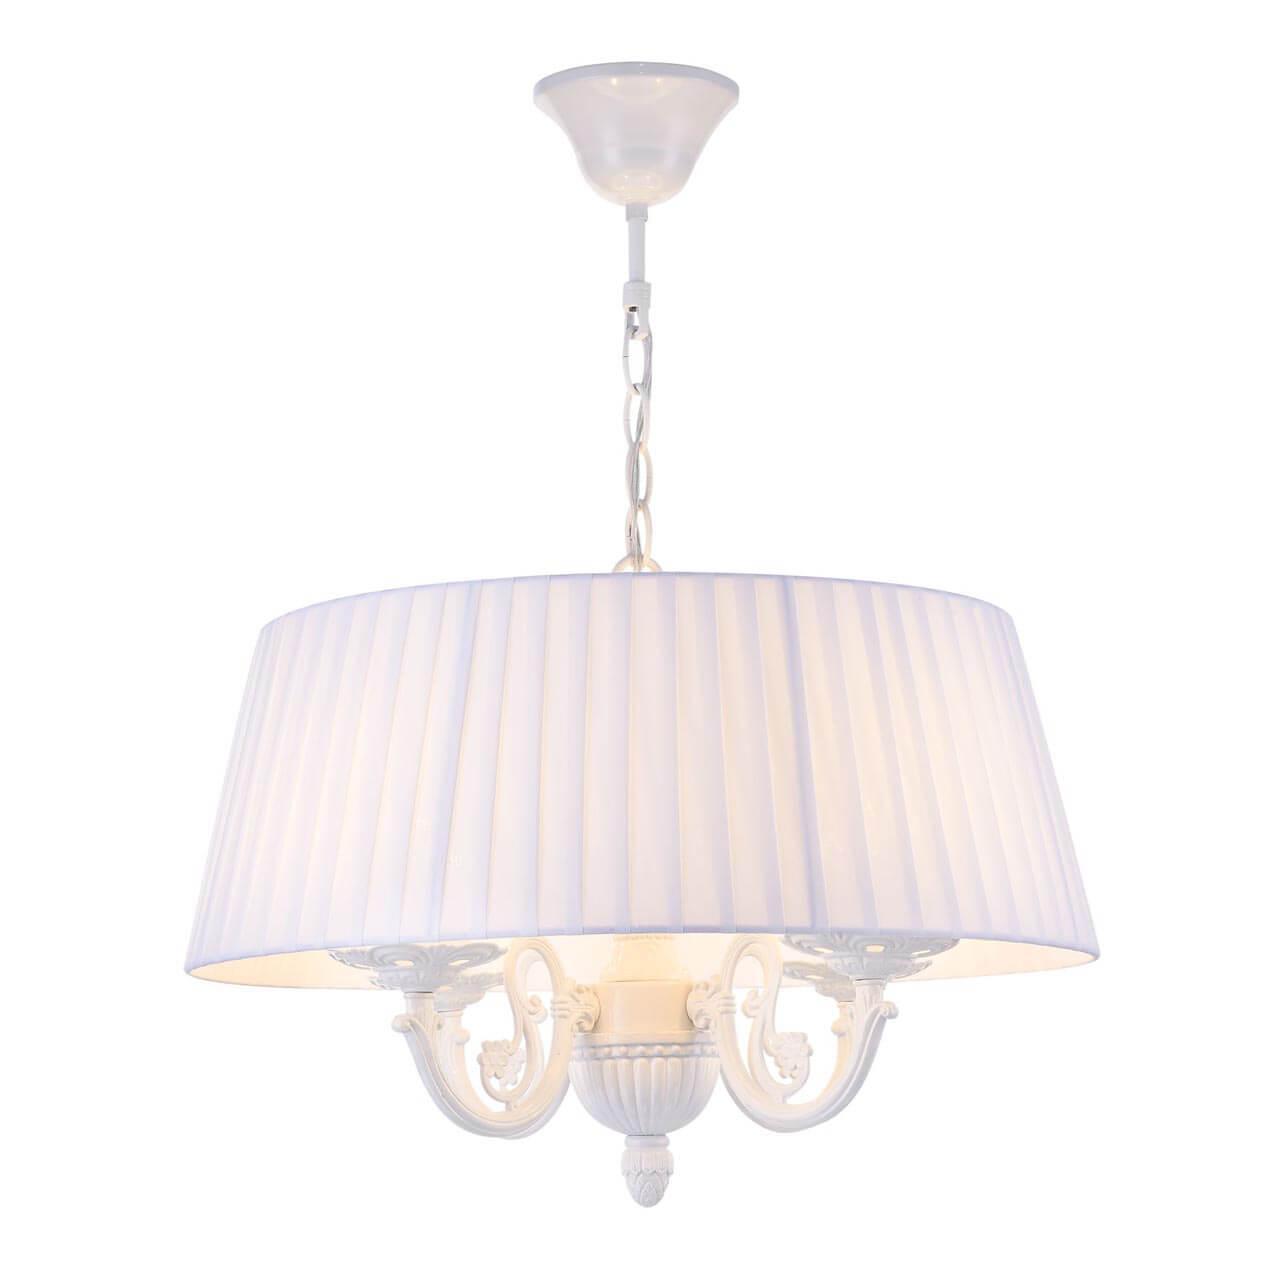 Подвесной светильник Freya FR2686PL-04W, E14, 40 Вт подвесная люстра jasmine fr2686pl 06w